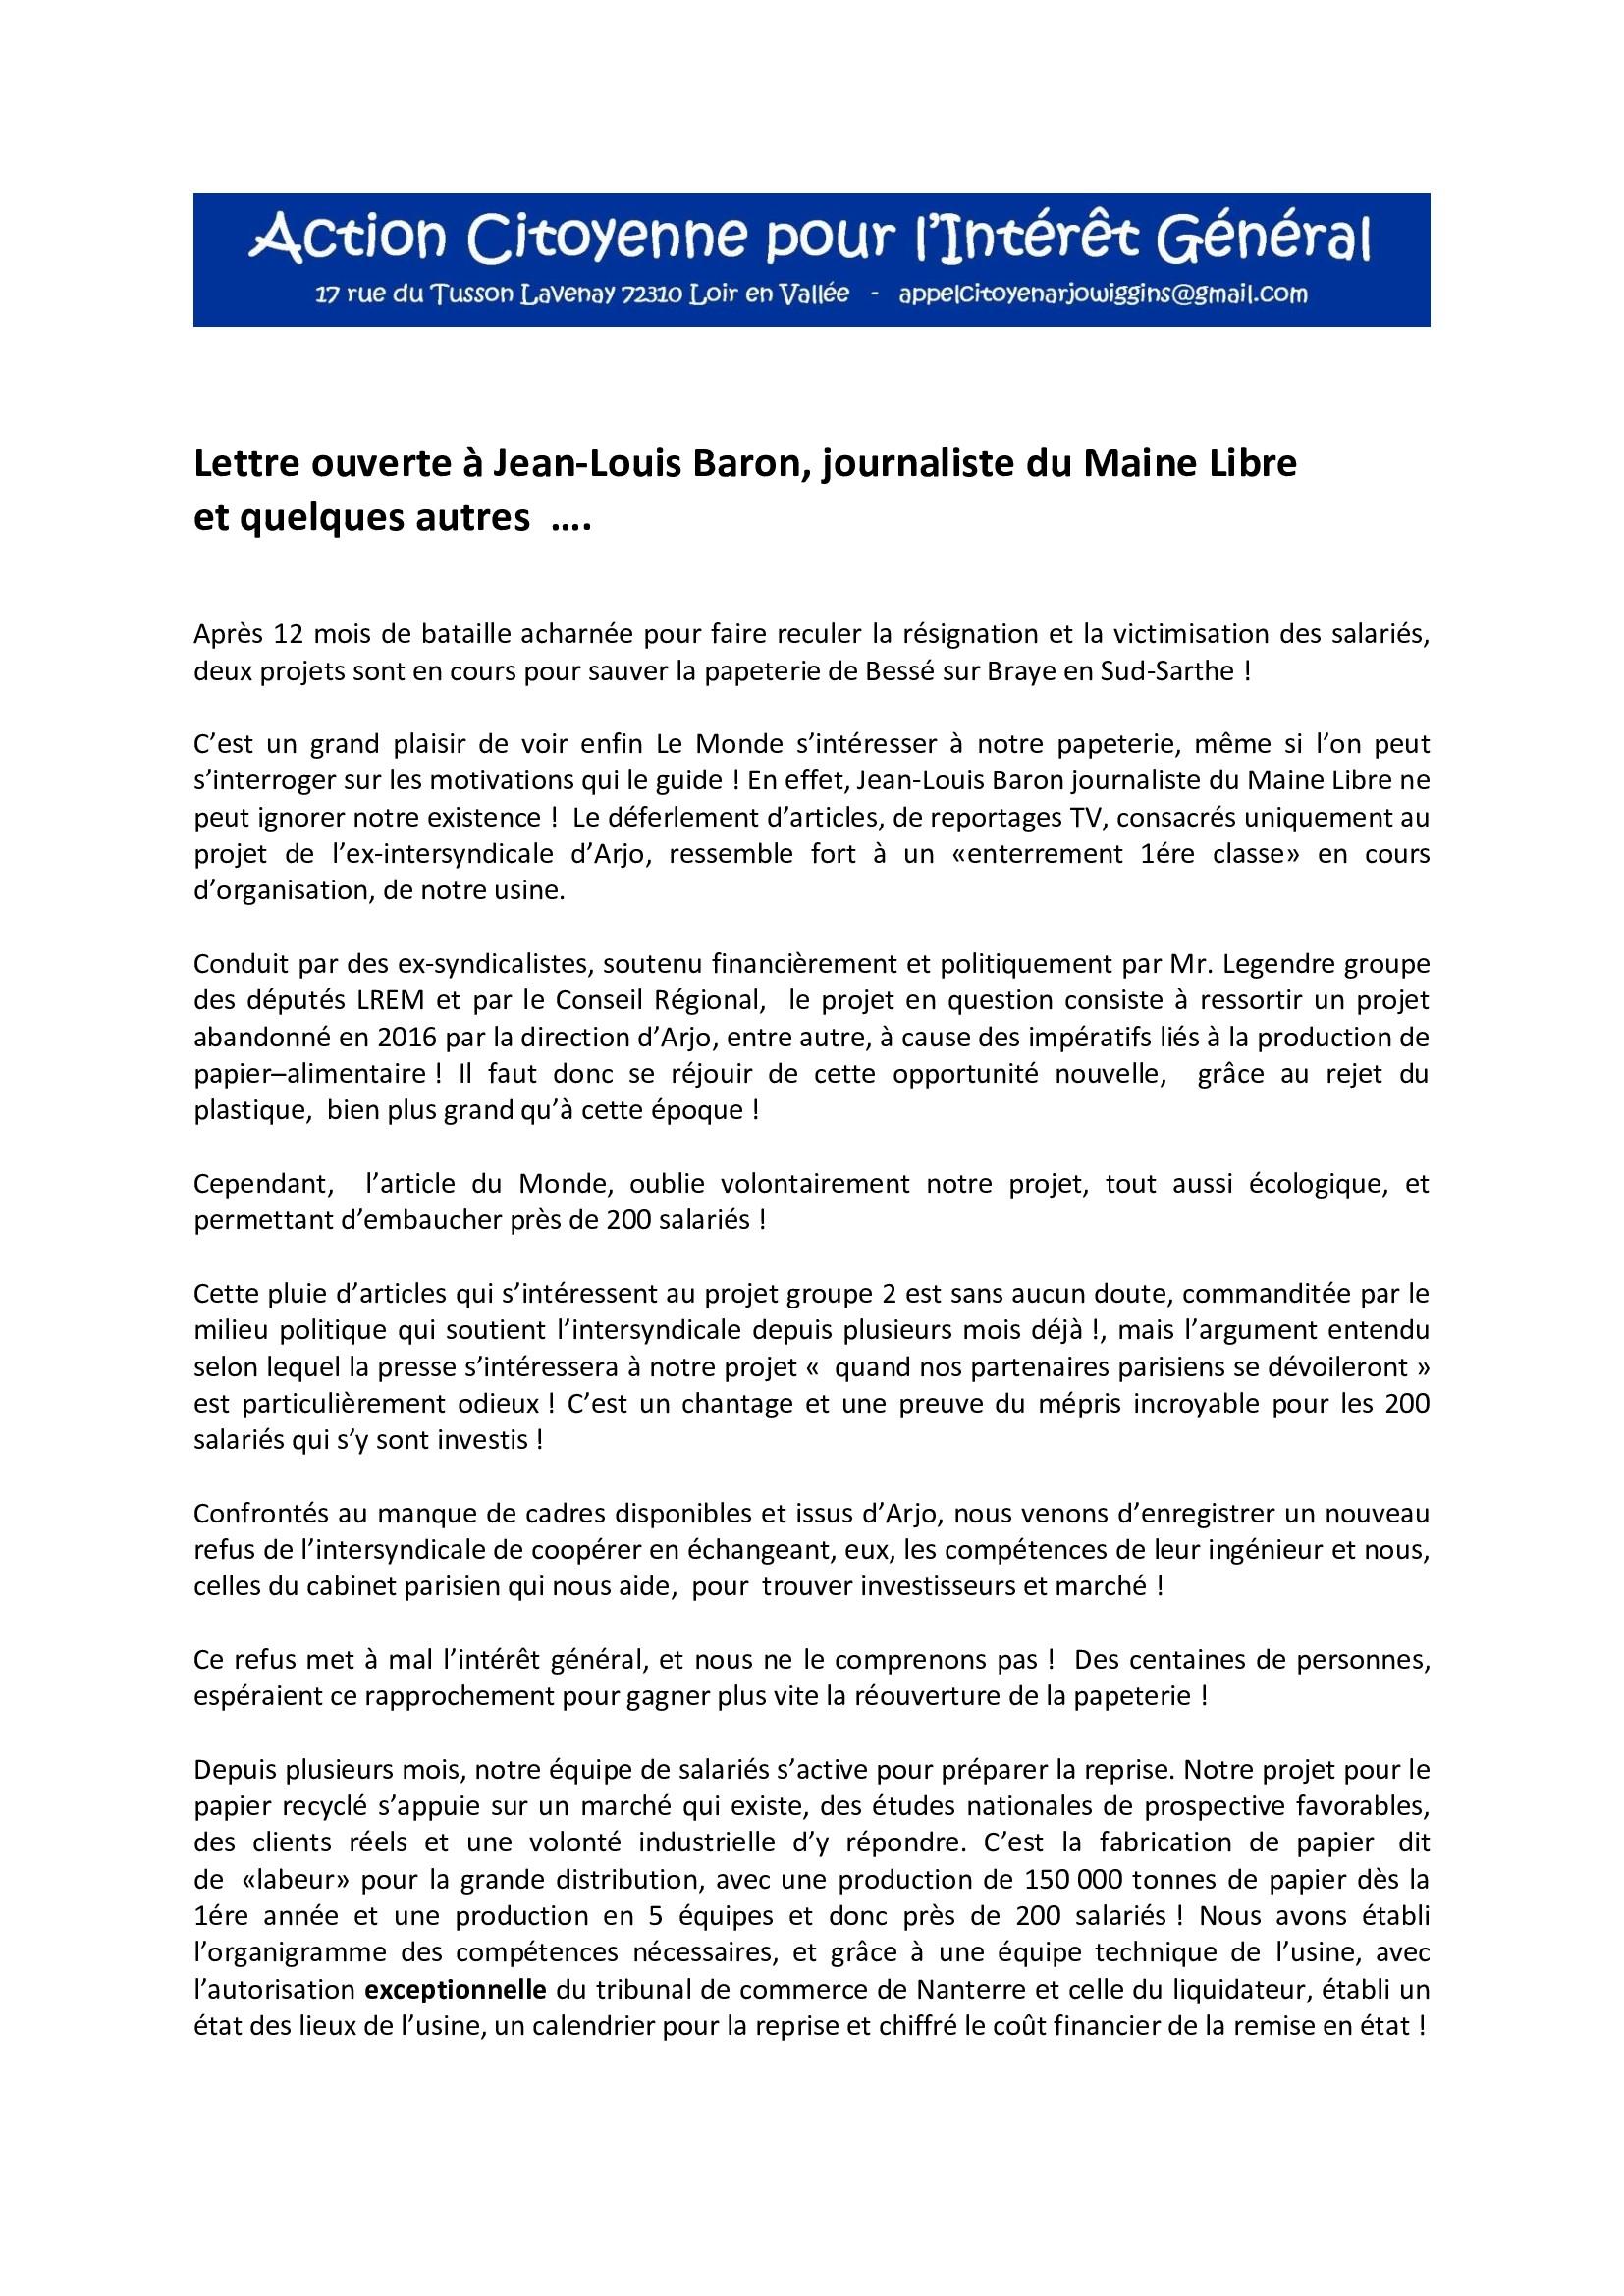 Lettre ouverte jeanlouis baron 200119 1